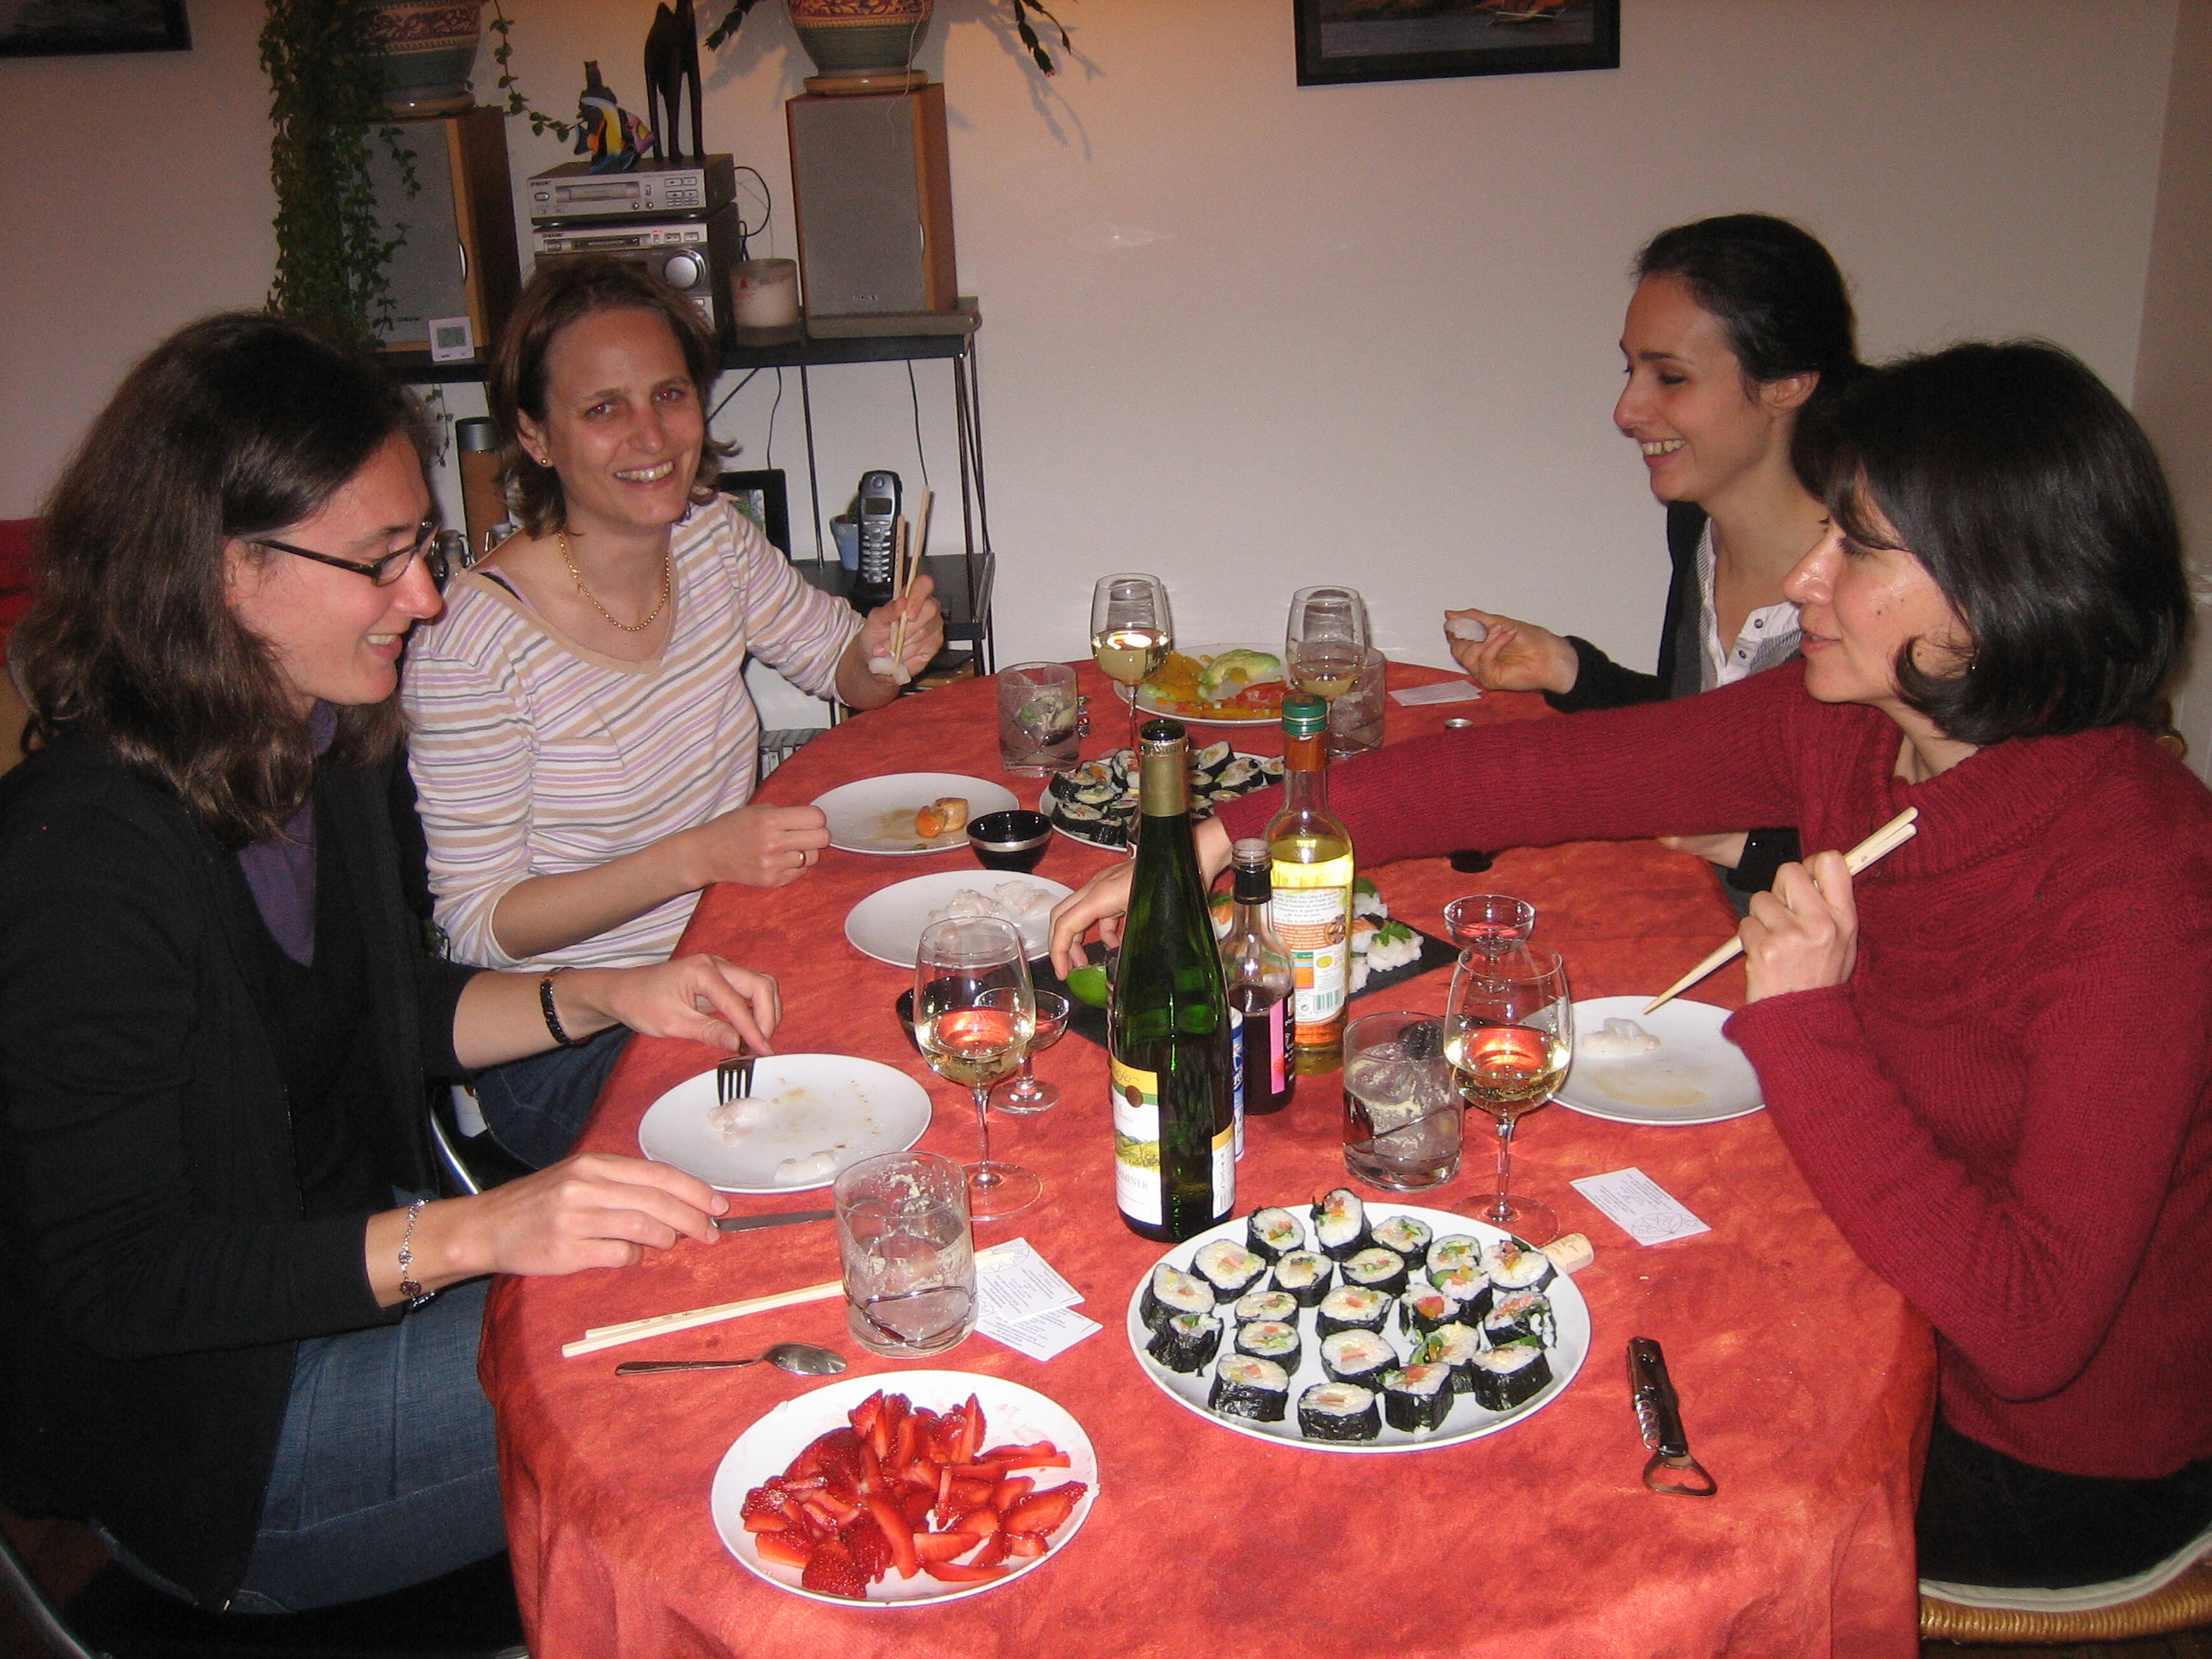 cours de cuisine japonaise mercredi 7 avril rennes chez agn s bourgeois ma petite cuisine. Black Bedroom Furniture Sets. Home Design Ideas